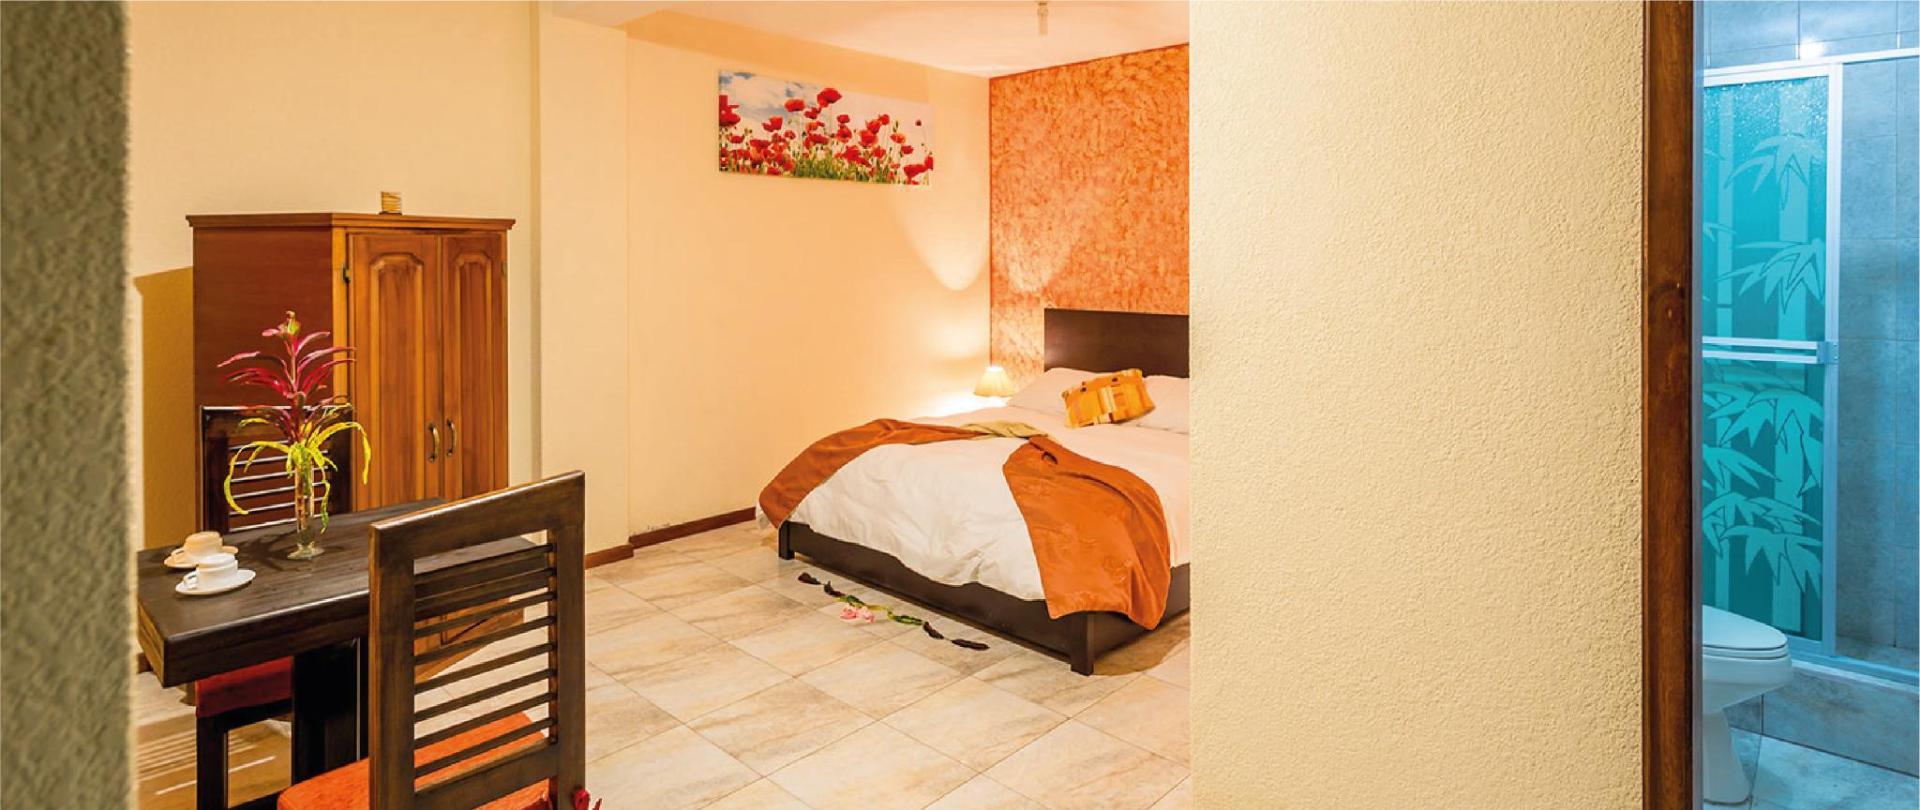 Yumbo-Spa-y-Resort-Hotel-en-Gualea-standard-suite.jpg